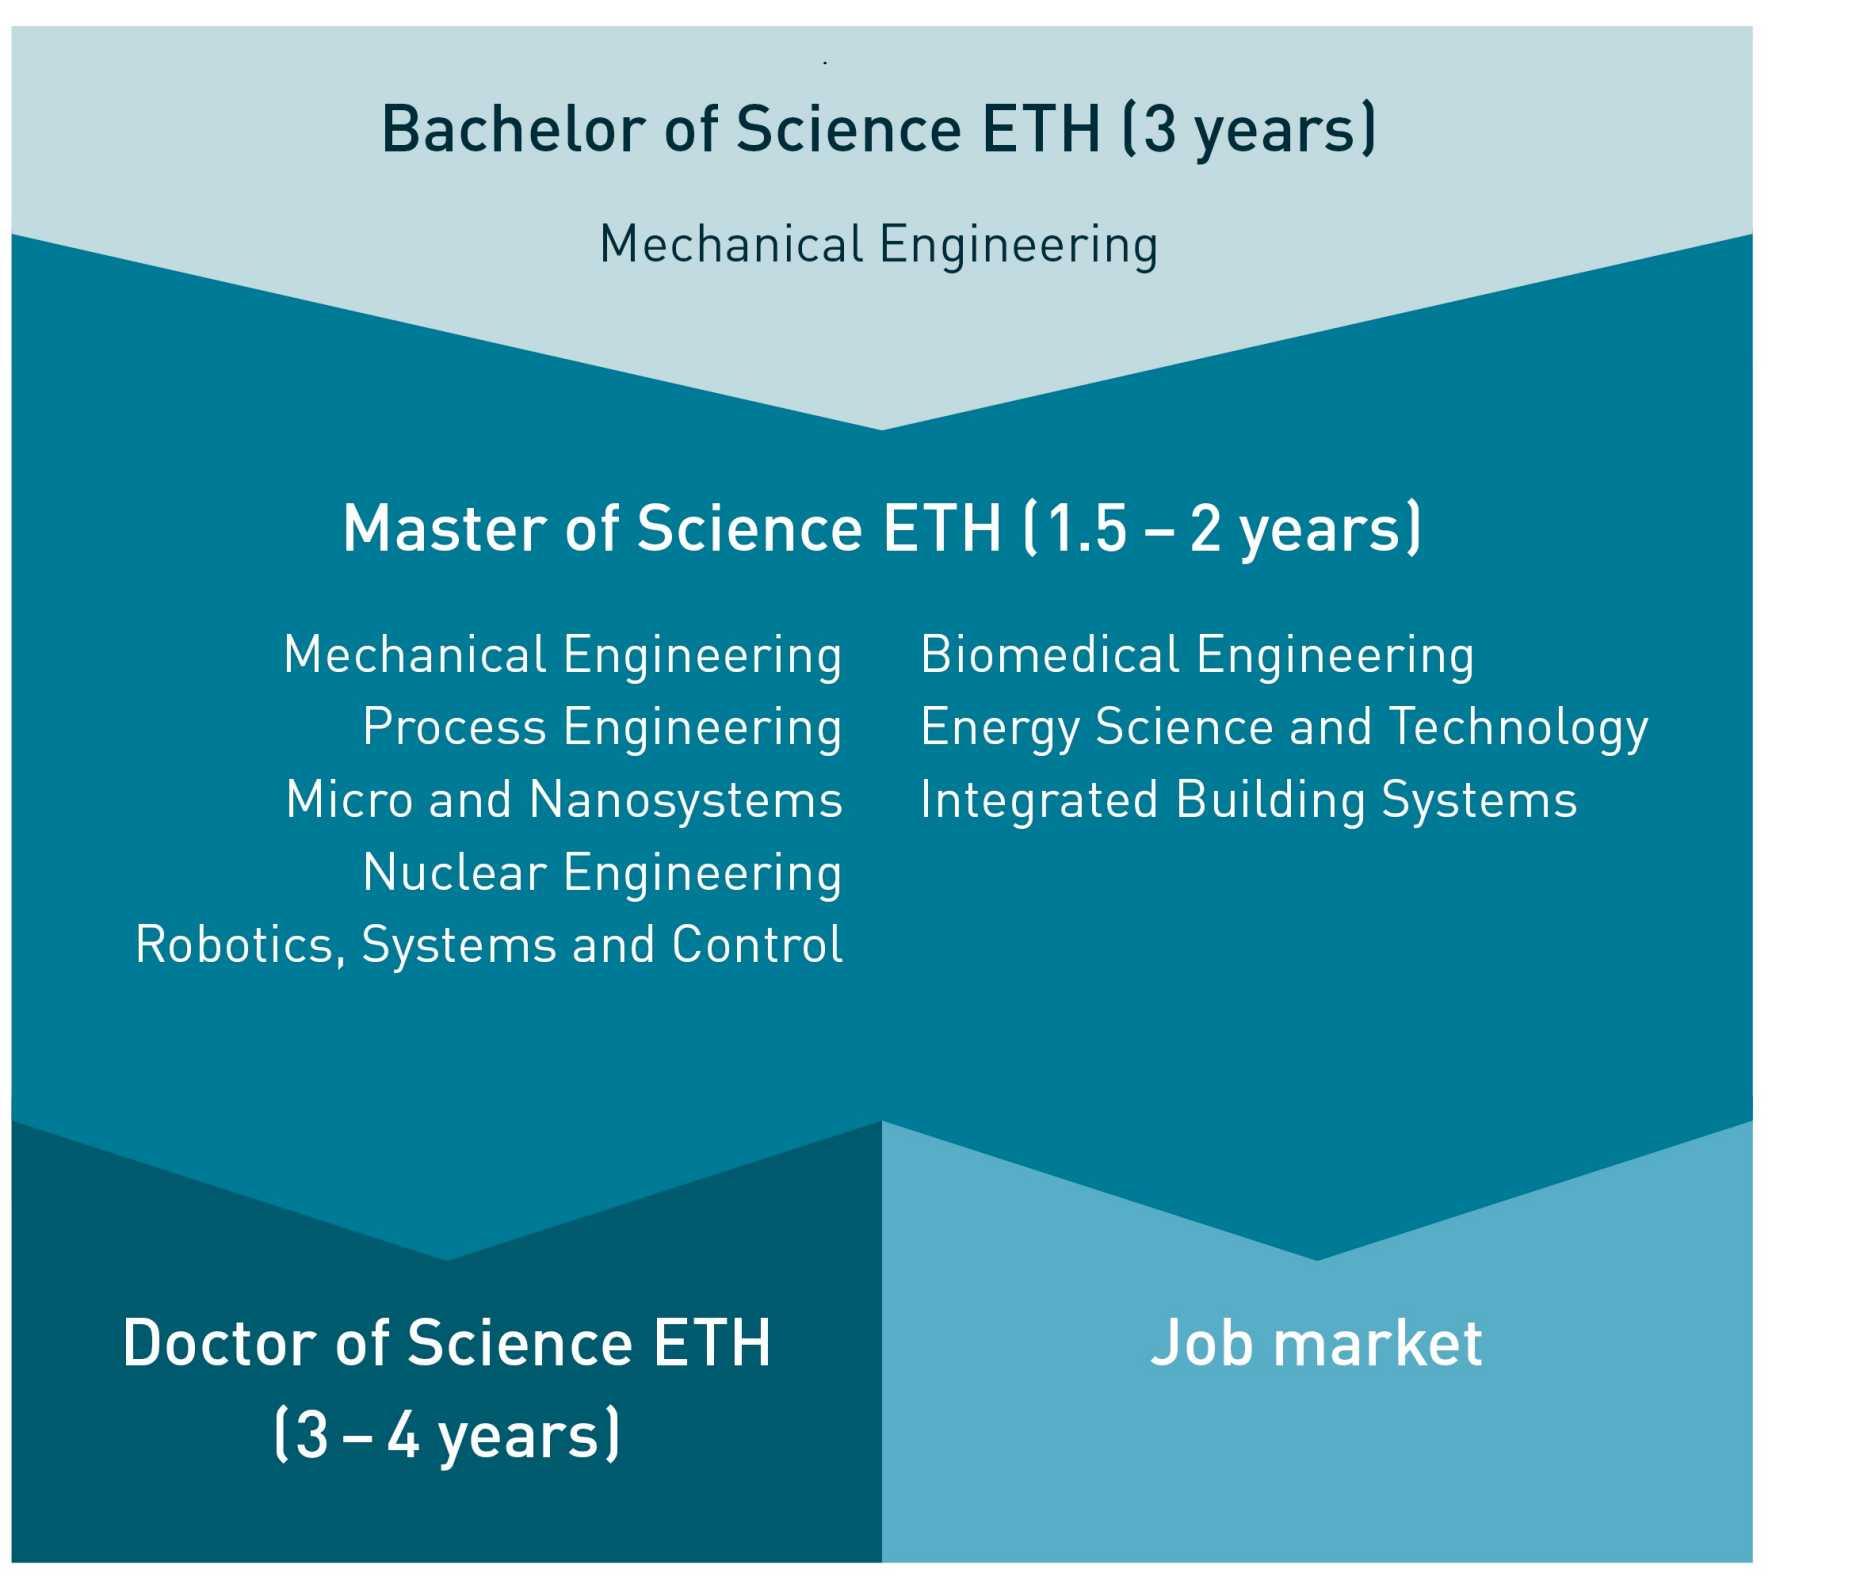 bachelor thesis mavt eth